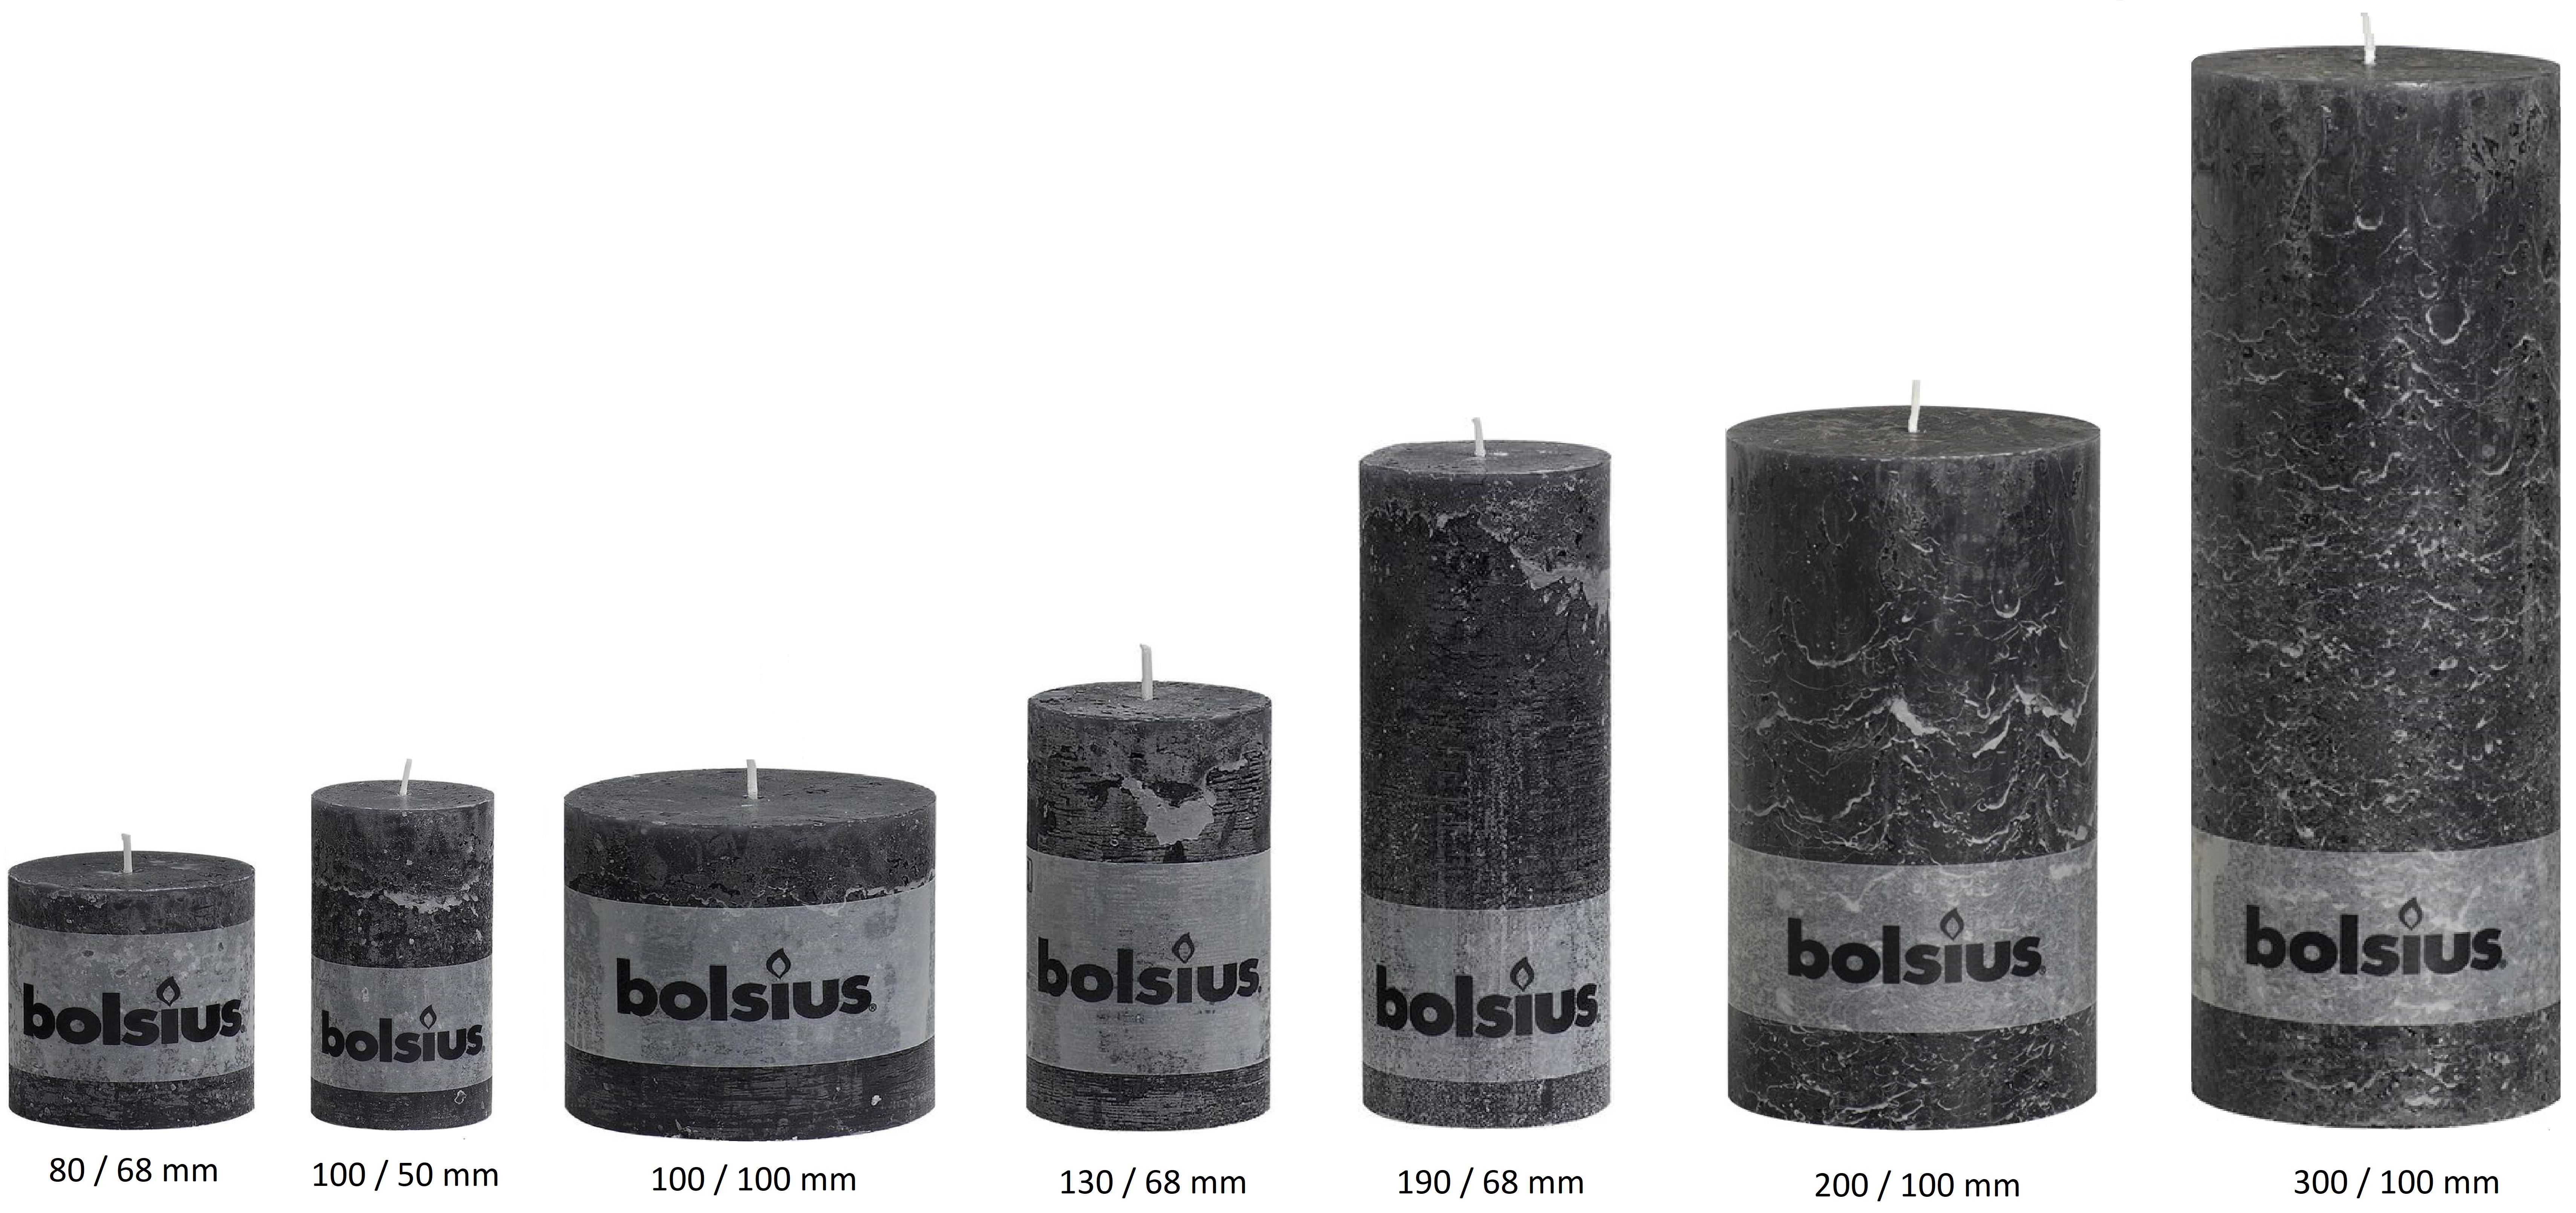 Grotevergelijking_bolsius_deel1.jpg